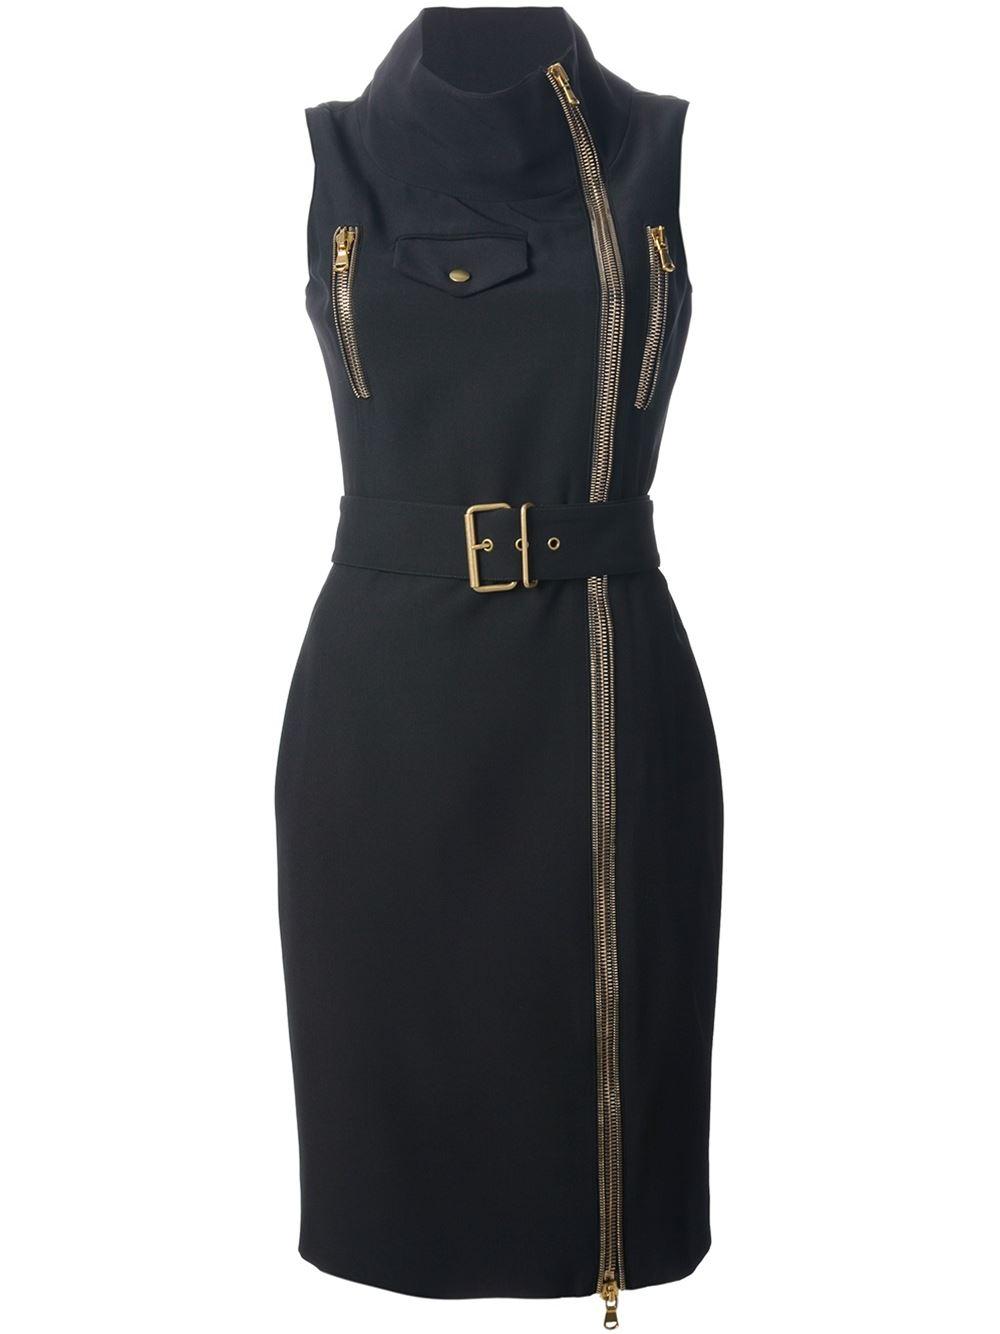 Alexander mcqueen zip front dress